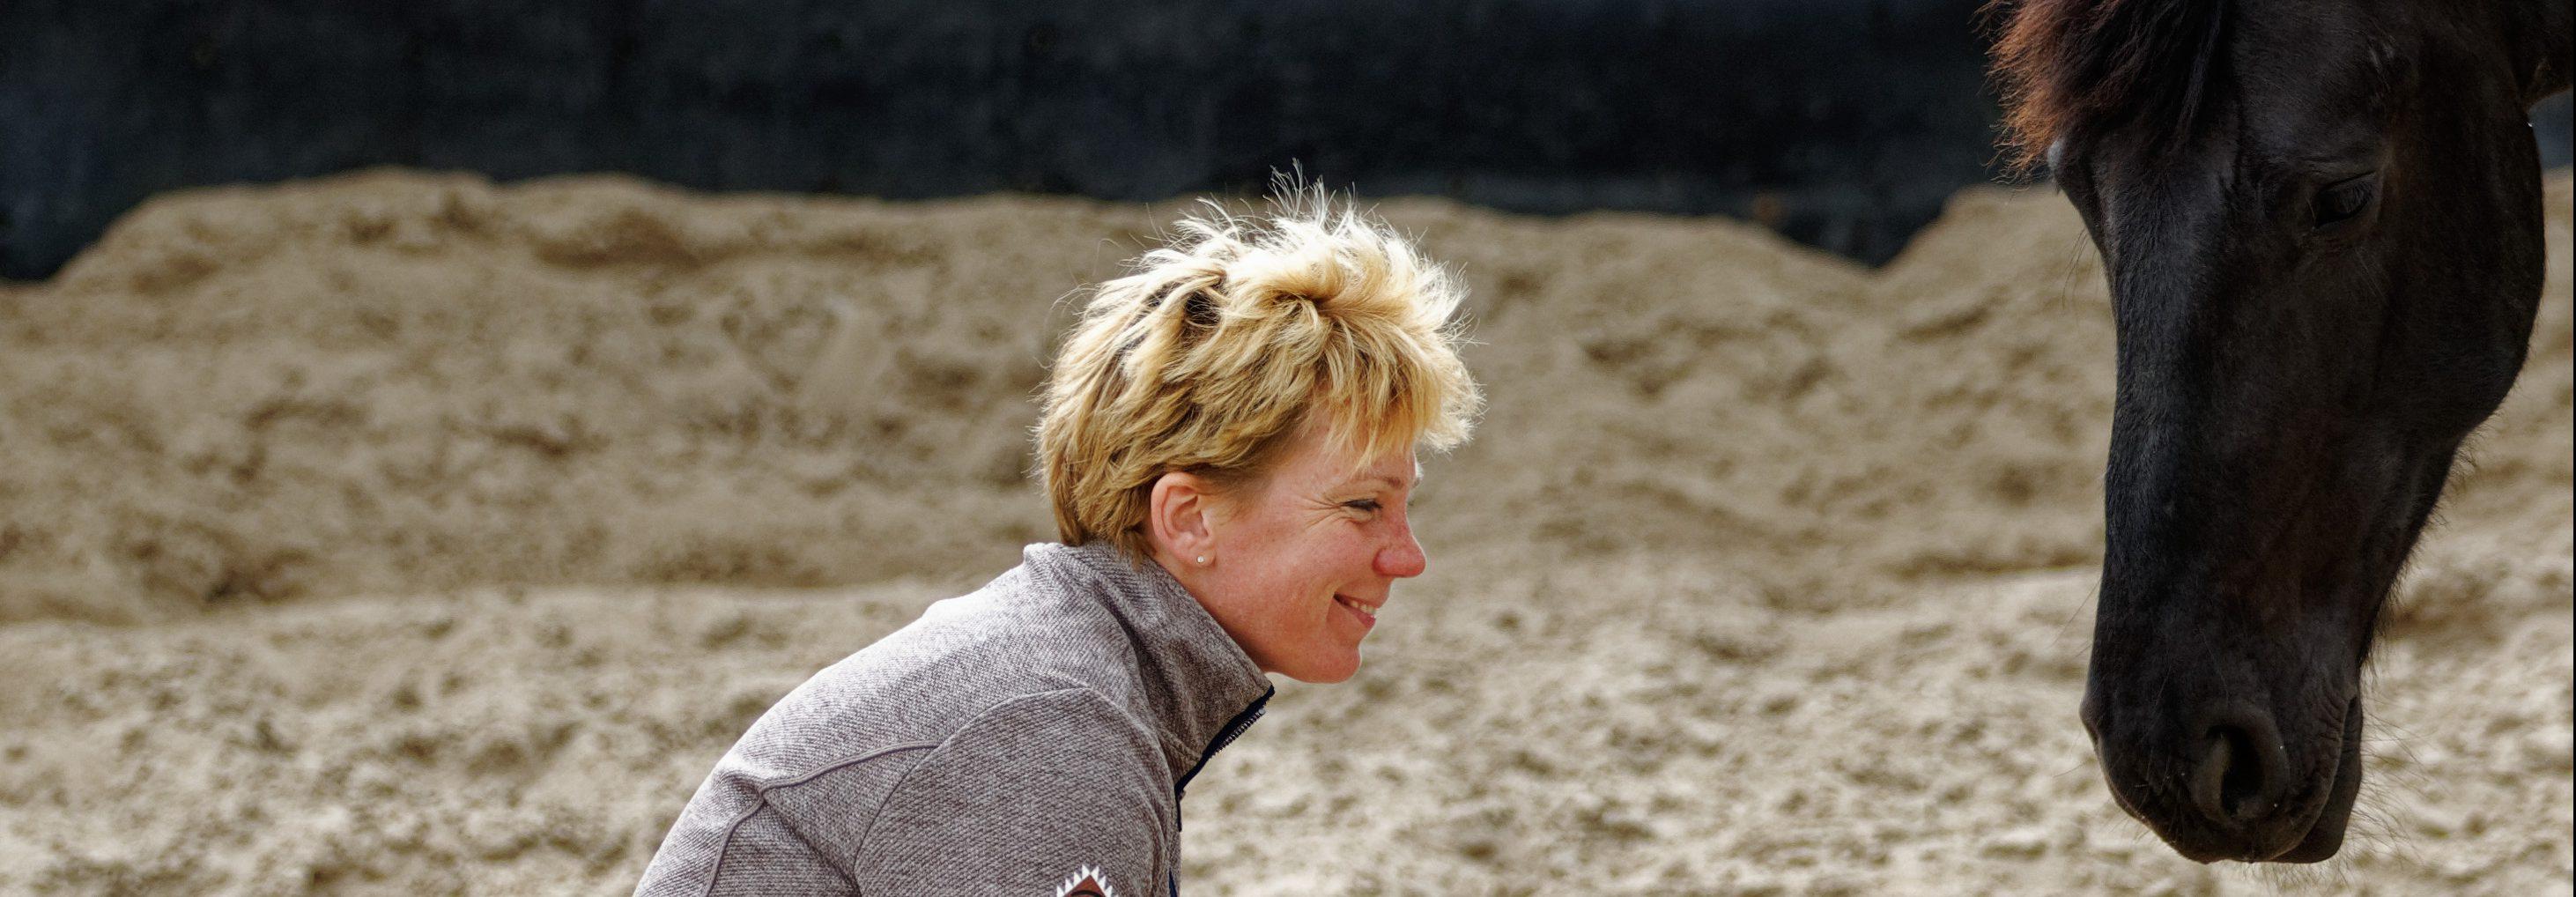 Persoonlijke ontwikkeling met behulp van paarden